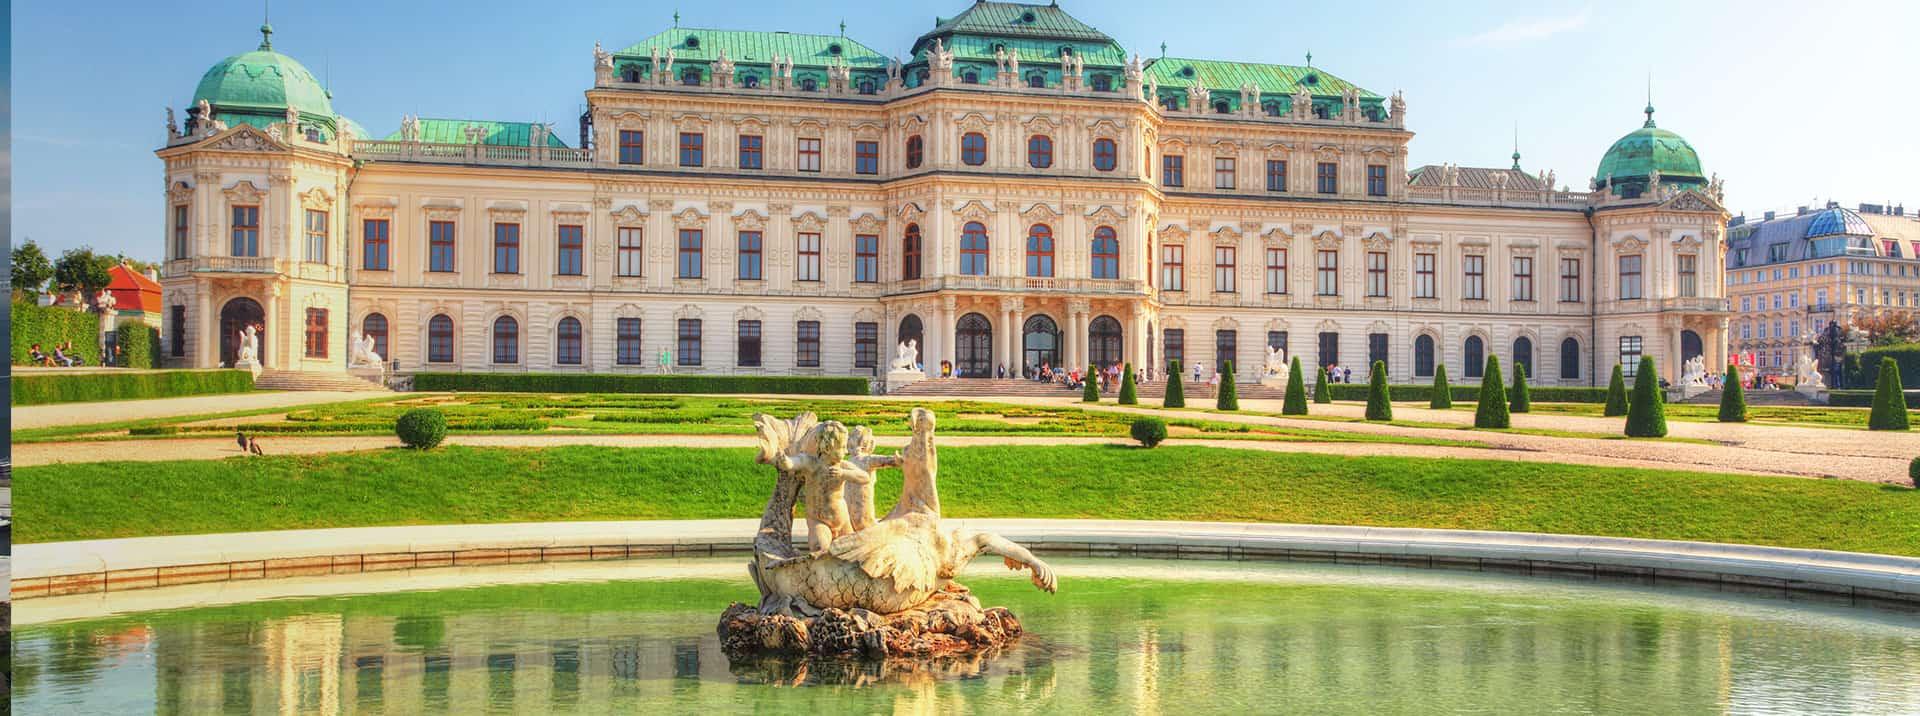 Featured-Image_Vienna_1920x716